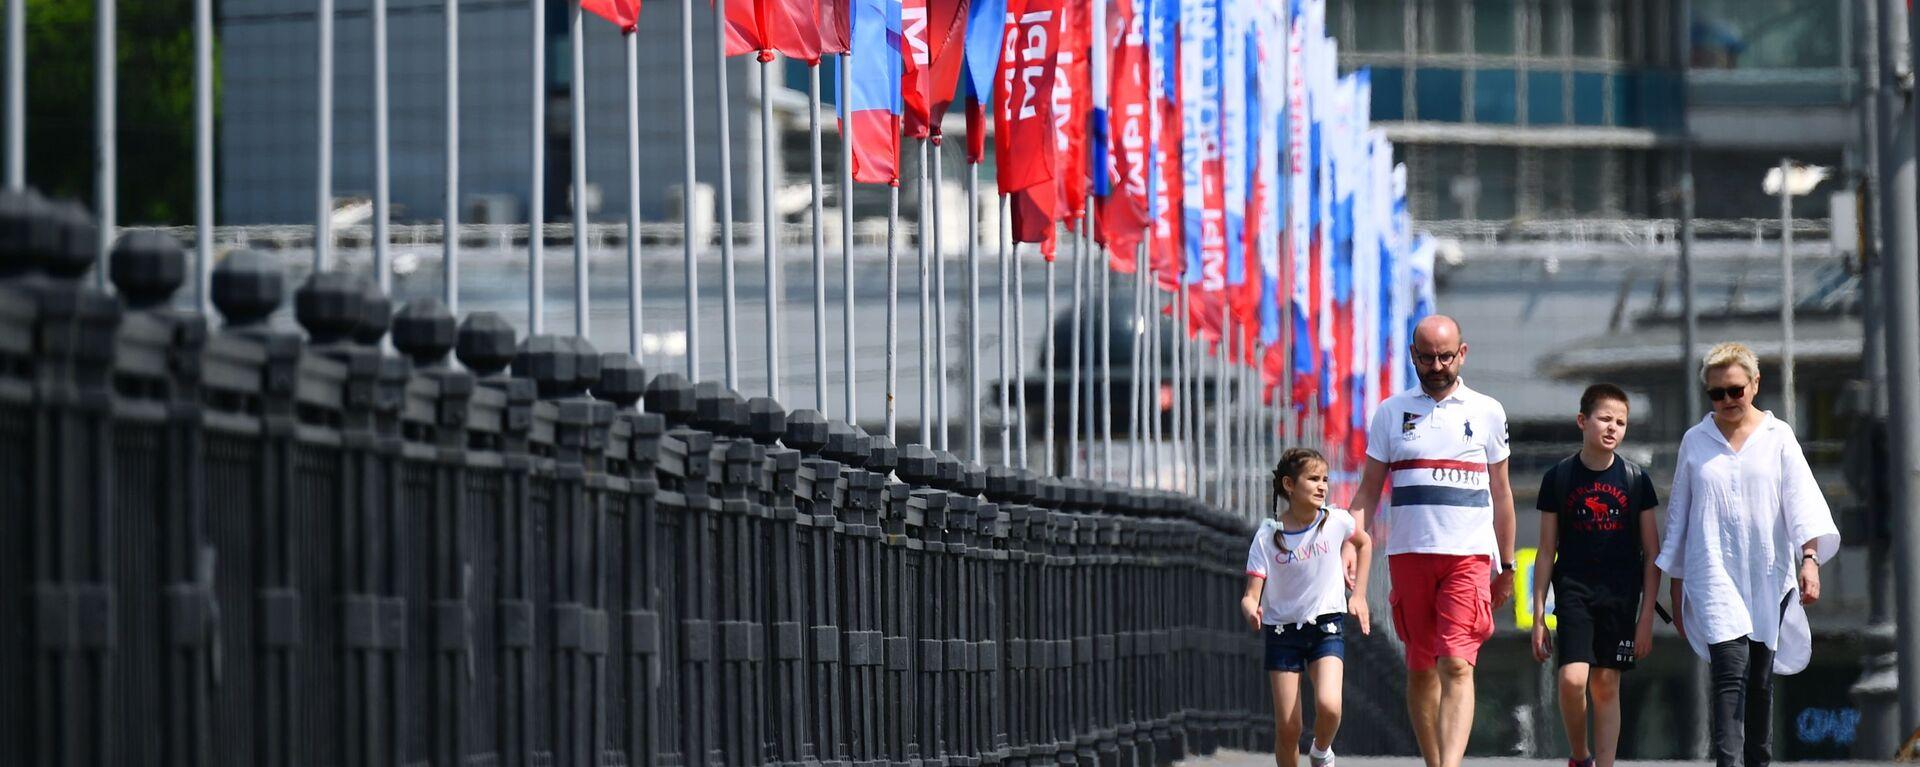 Горожане на Новоарбатском мосту в Москве во время праздничных гуляний в честь празднования Дня России - Sputnik Таджикистан, 1920, 12.06.2021